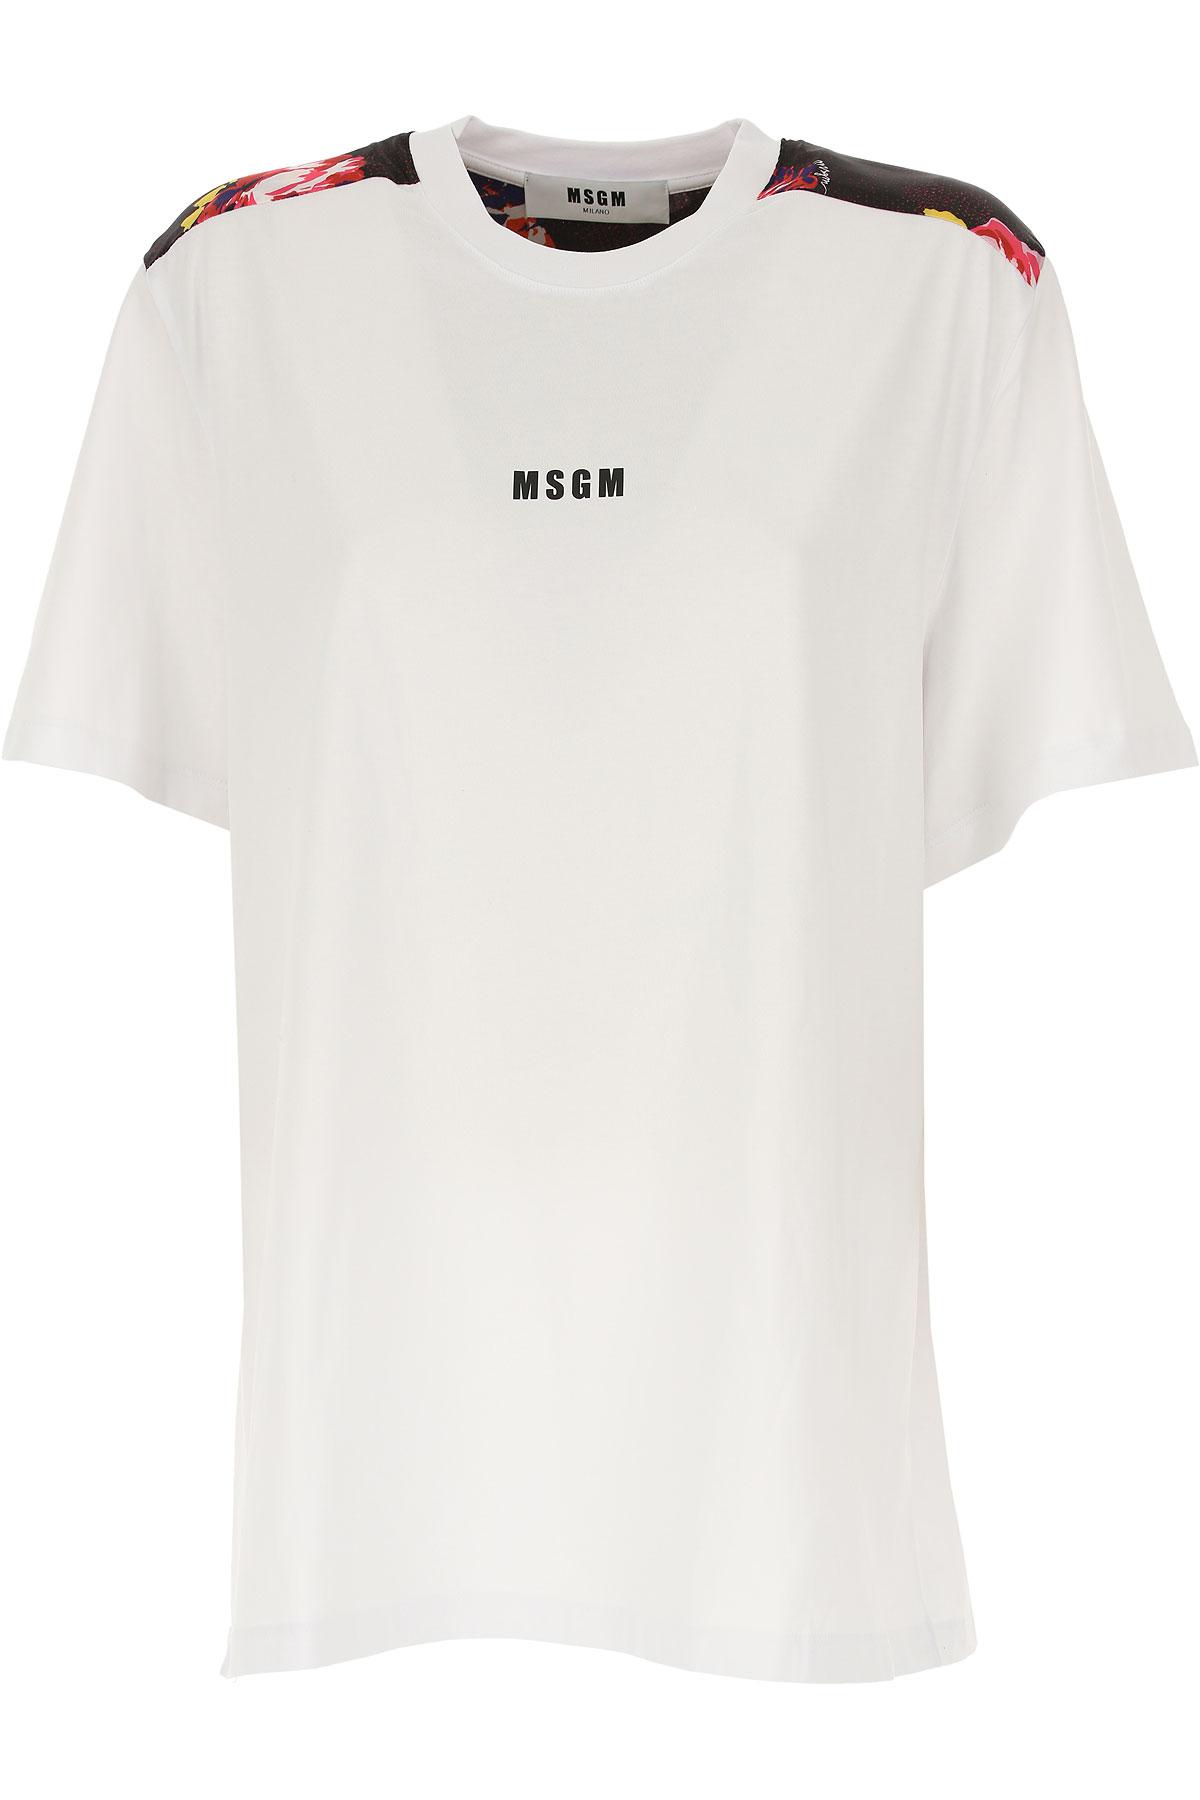 8c43e740befc MSGM Tričko pro ženy Ve výprodeji